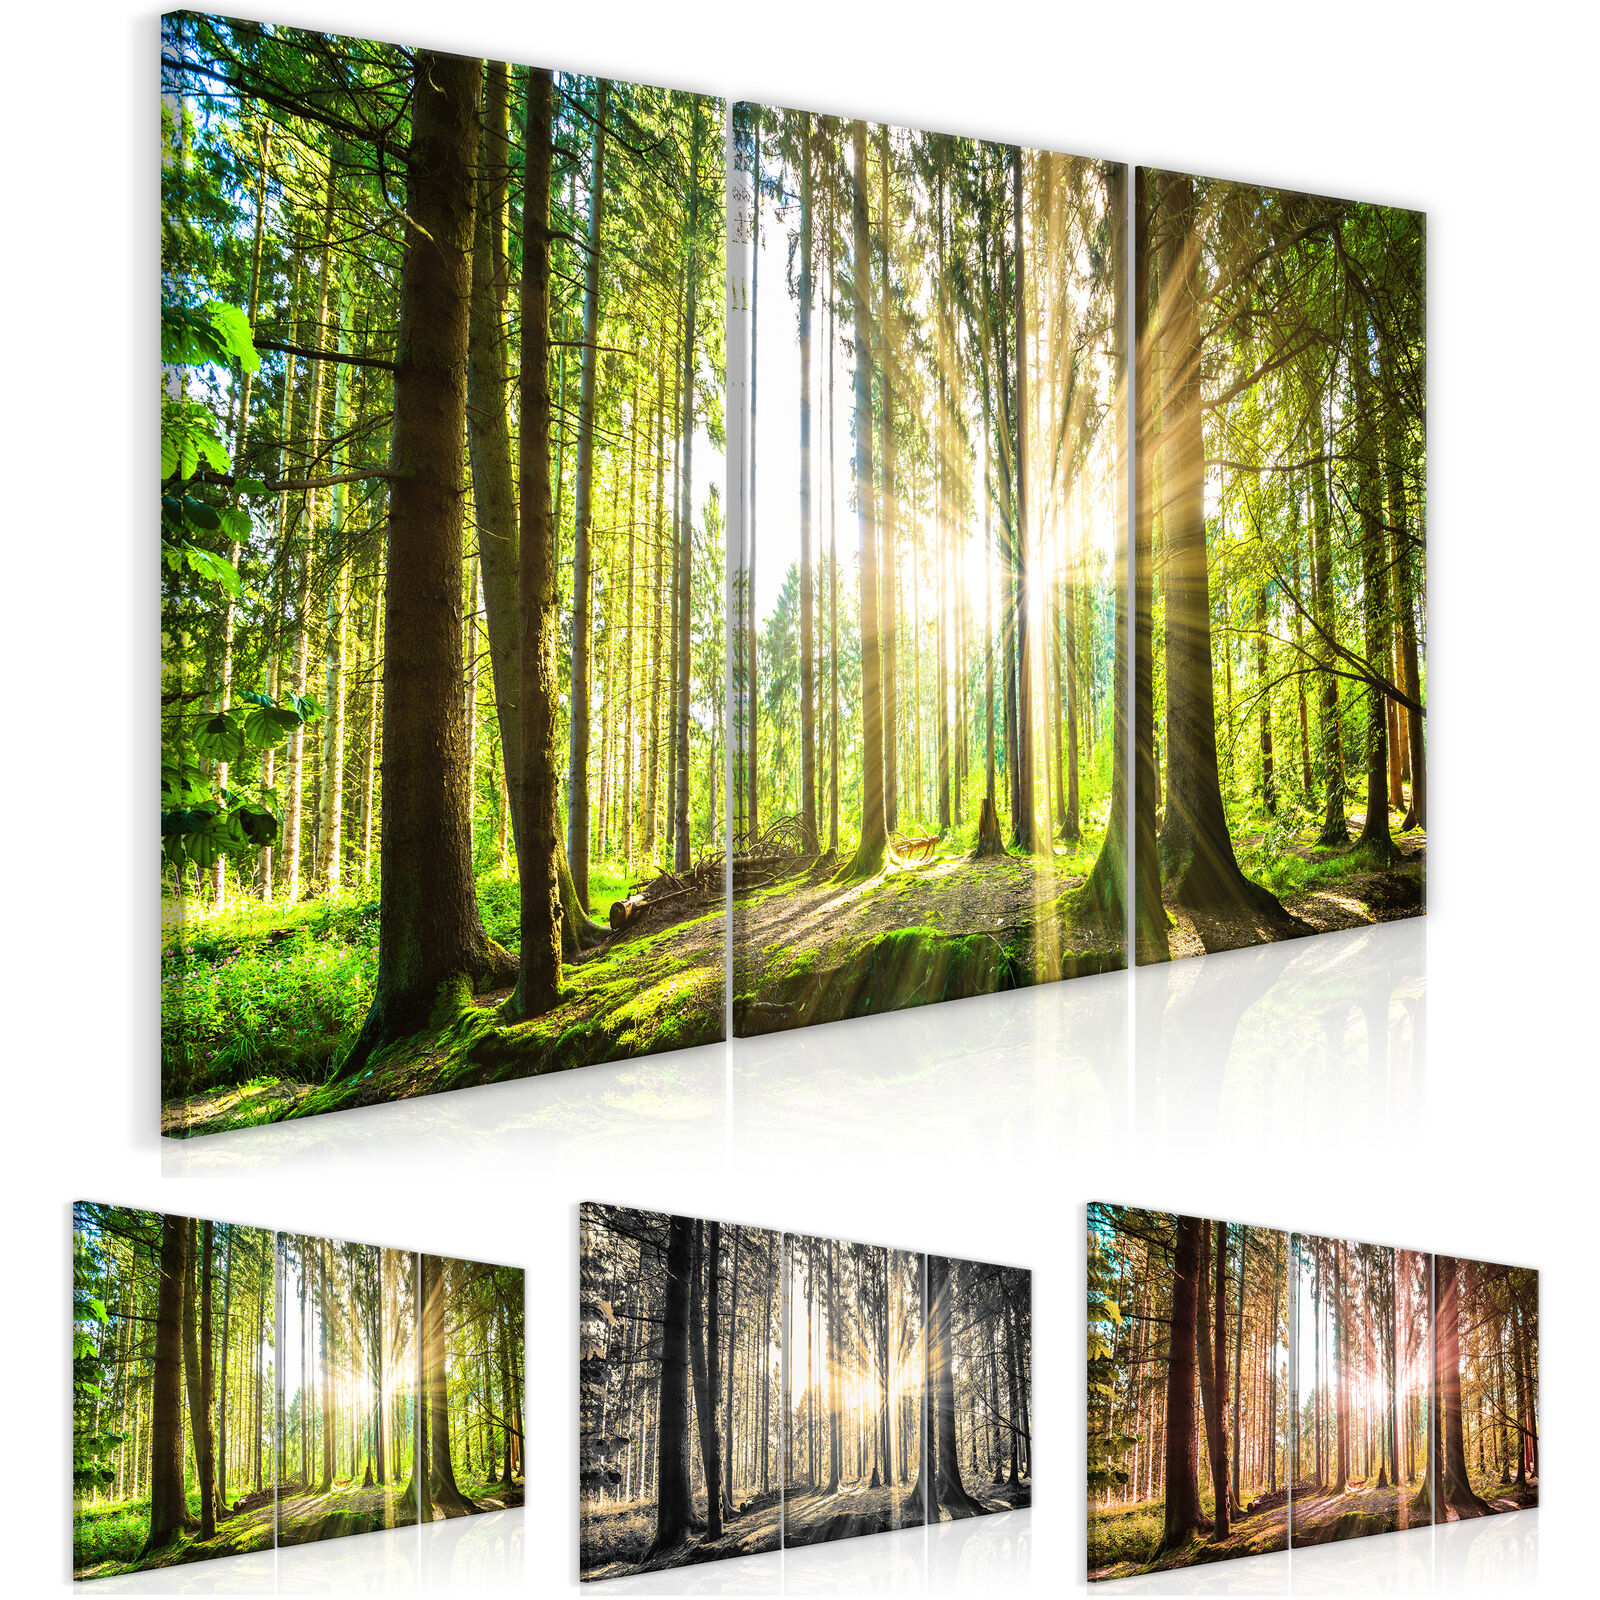 Wandbilder xxl Wald Landschaft Bilder Vlies Leinwand Leinwandbilder c-B-0077-b-f